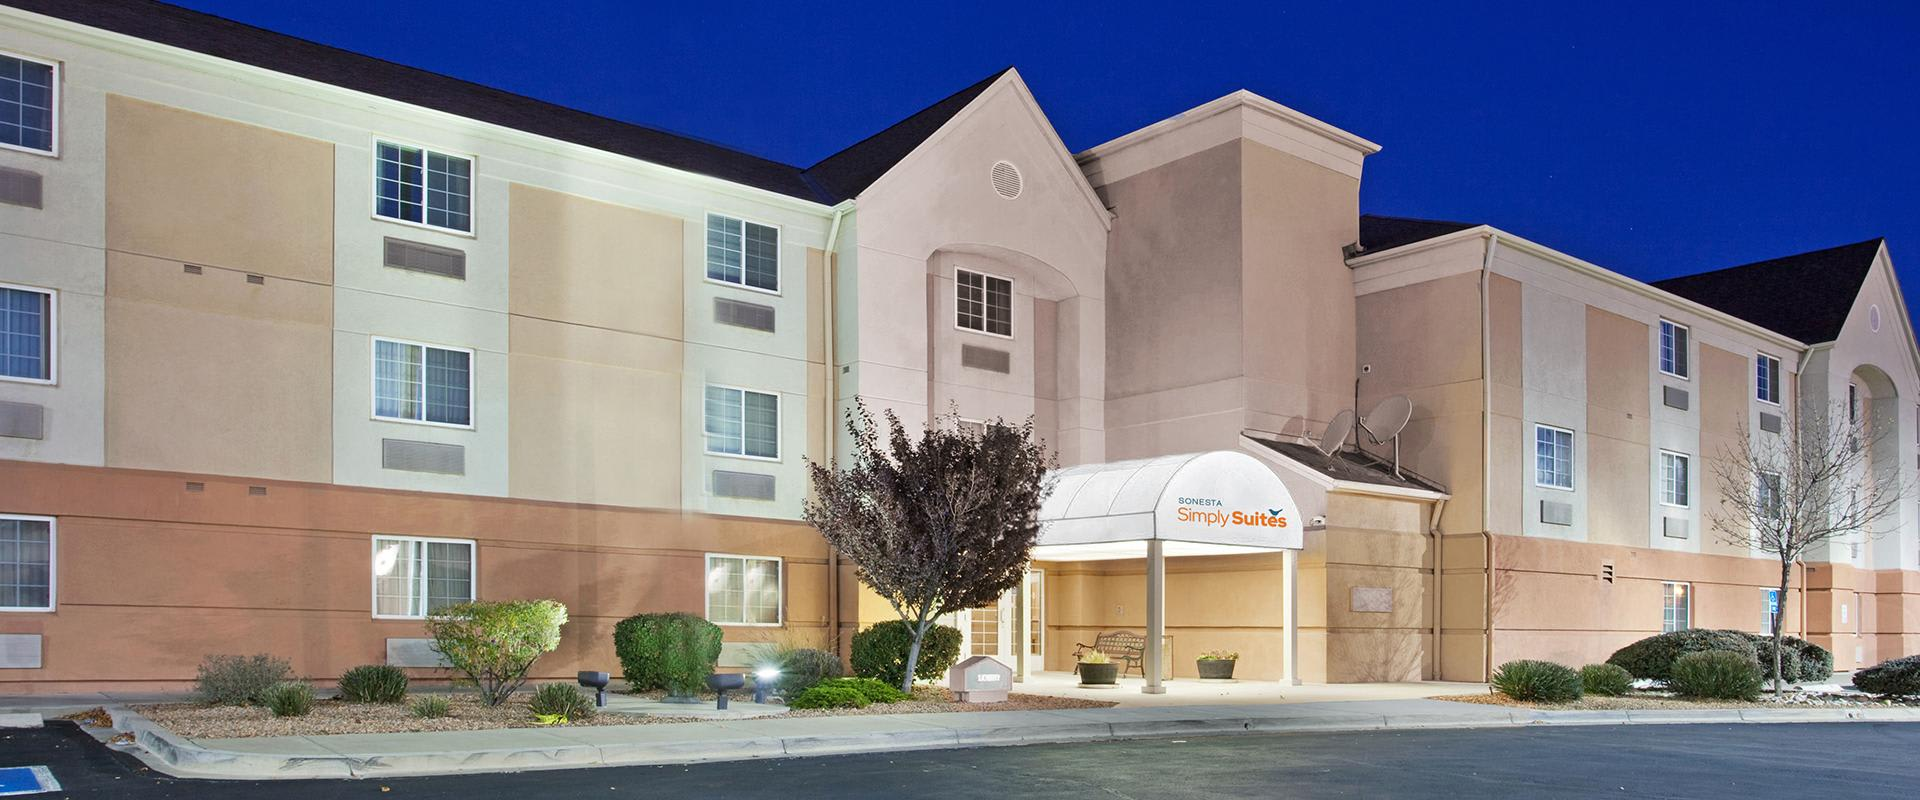 Sonesta Simply Suites Albuquerque Hotel Exterior